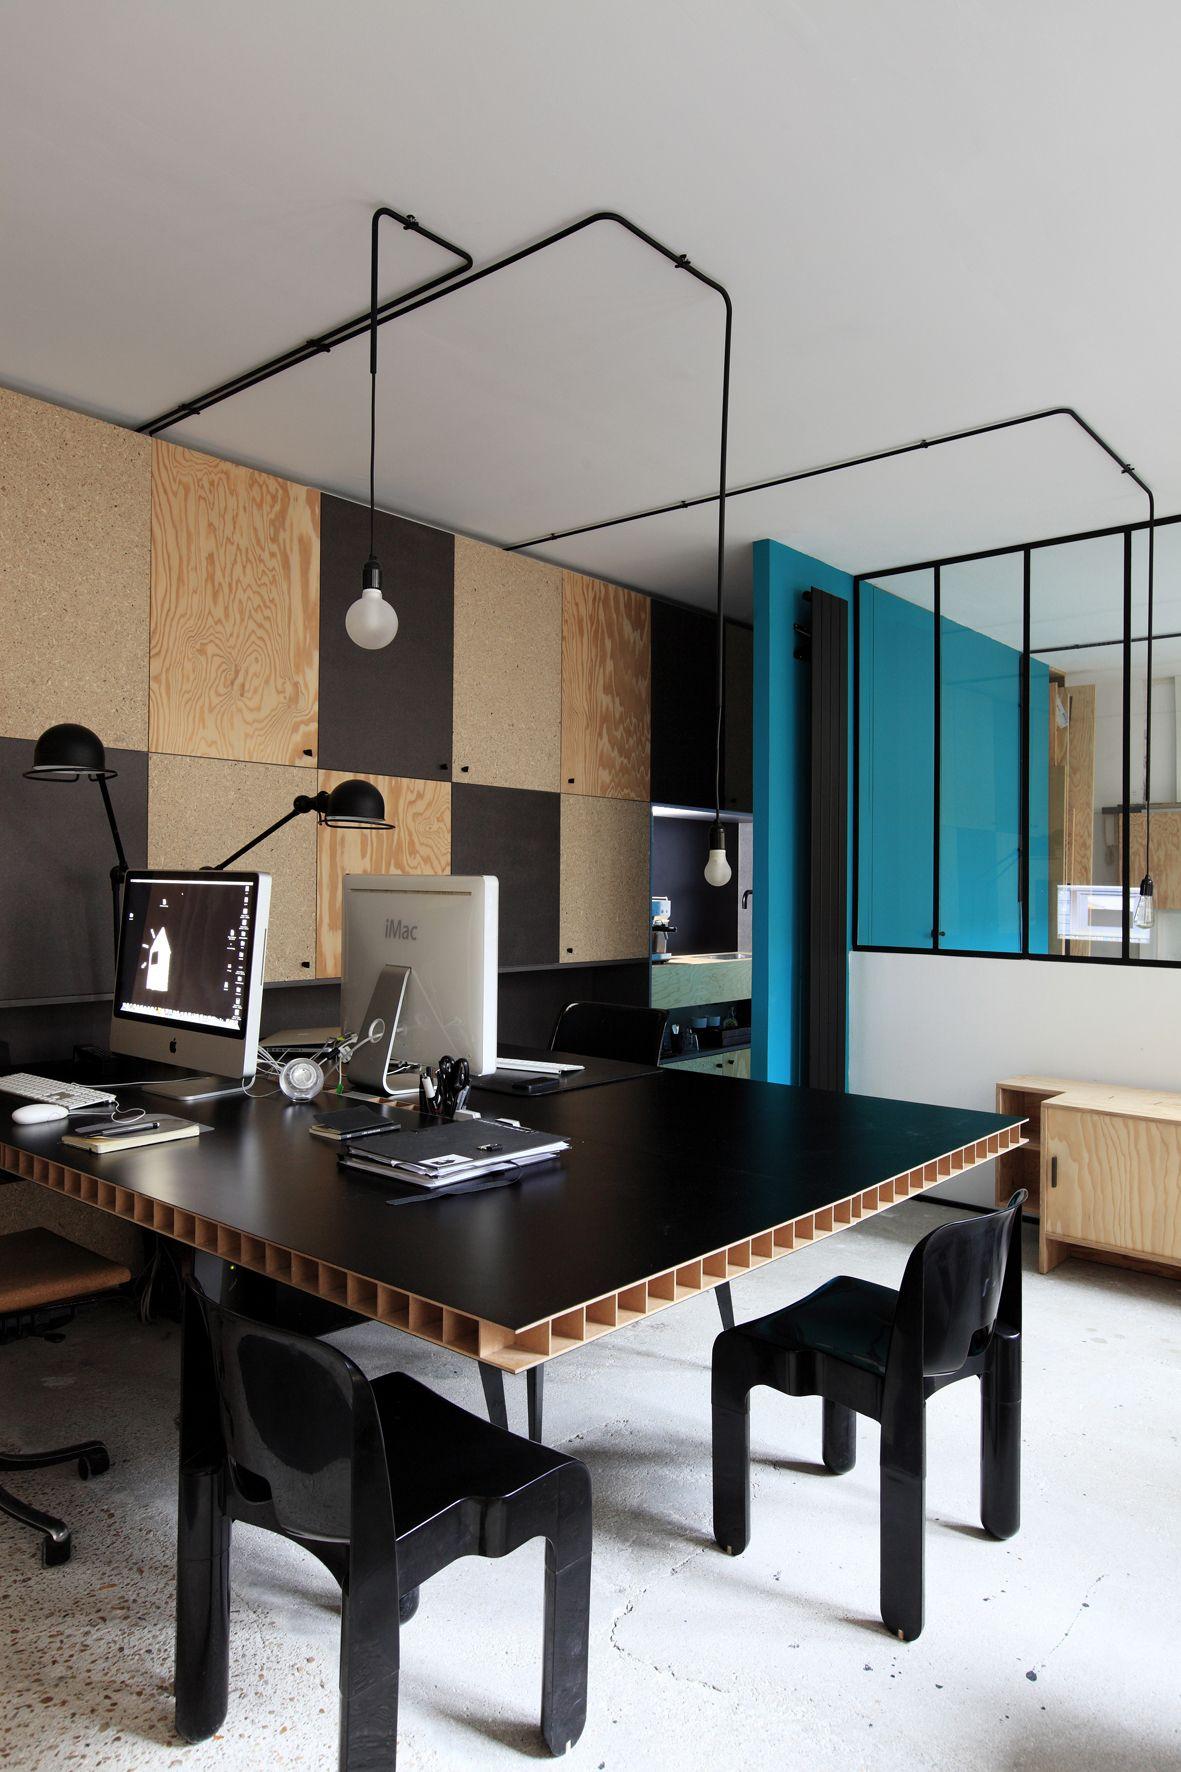 Une Table Géante Qui Fait Office De Bureau Et Table De Réunion à La